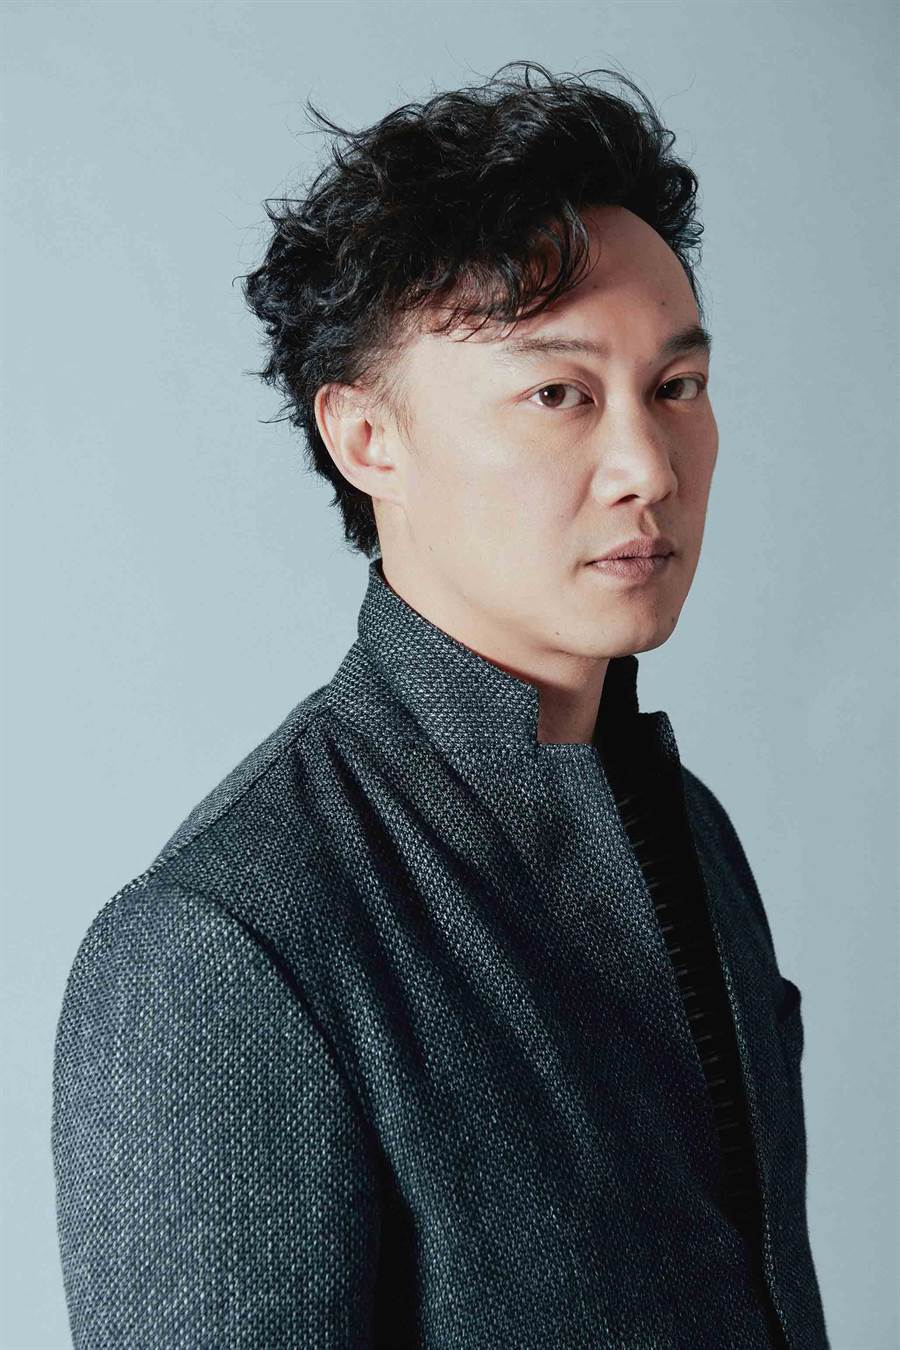 陳奕迅是金馬獎的入圍常客。(金馬執委會提供)